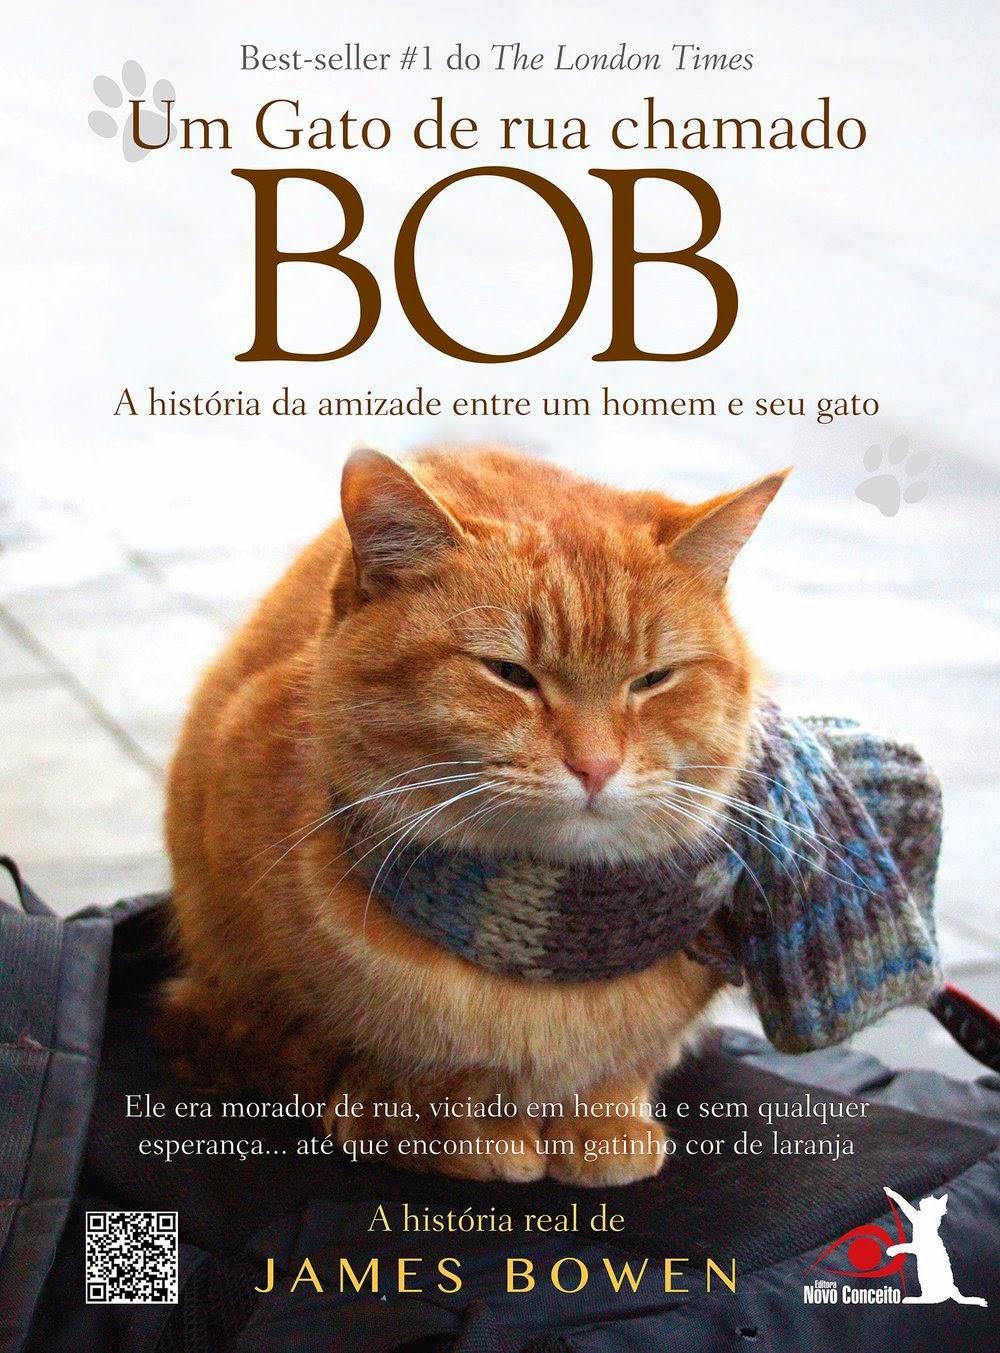 http://livrosvamosdevoralos.blogspot.com.br/2015/02/resenha-um-gato-de-rua-chamado-bob.html